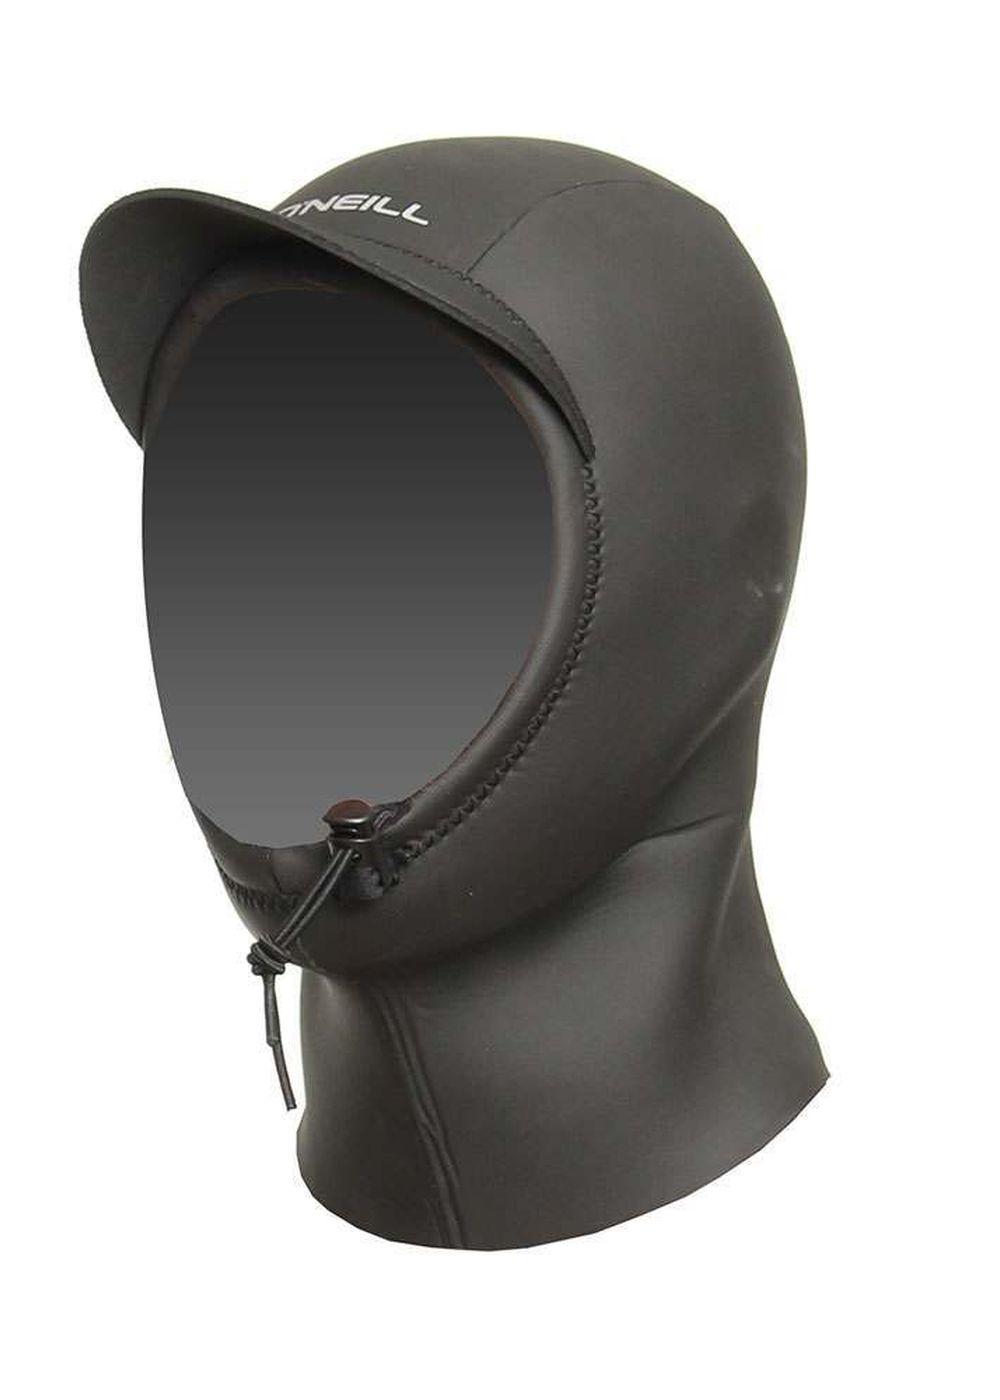 ONEILL 3MM Hyperfreak Coldwater Wetsuit Hood